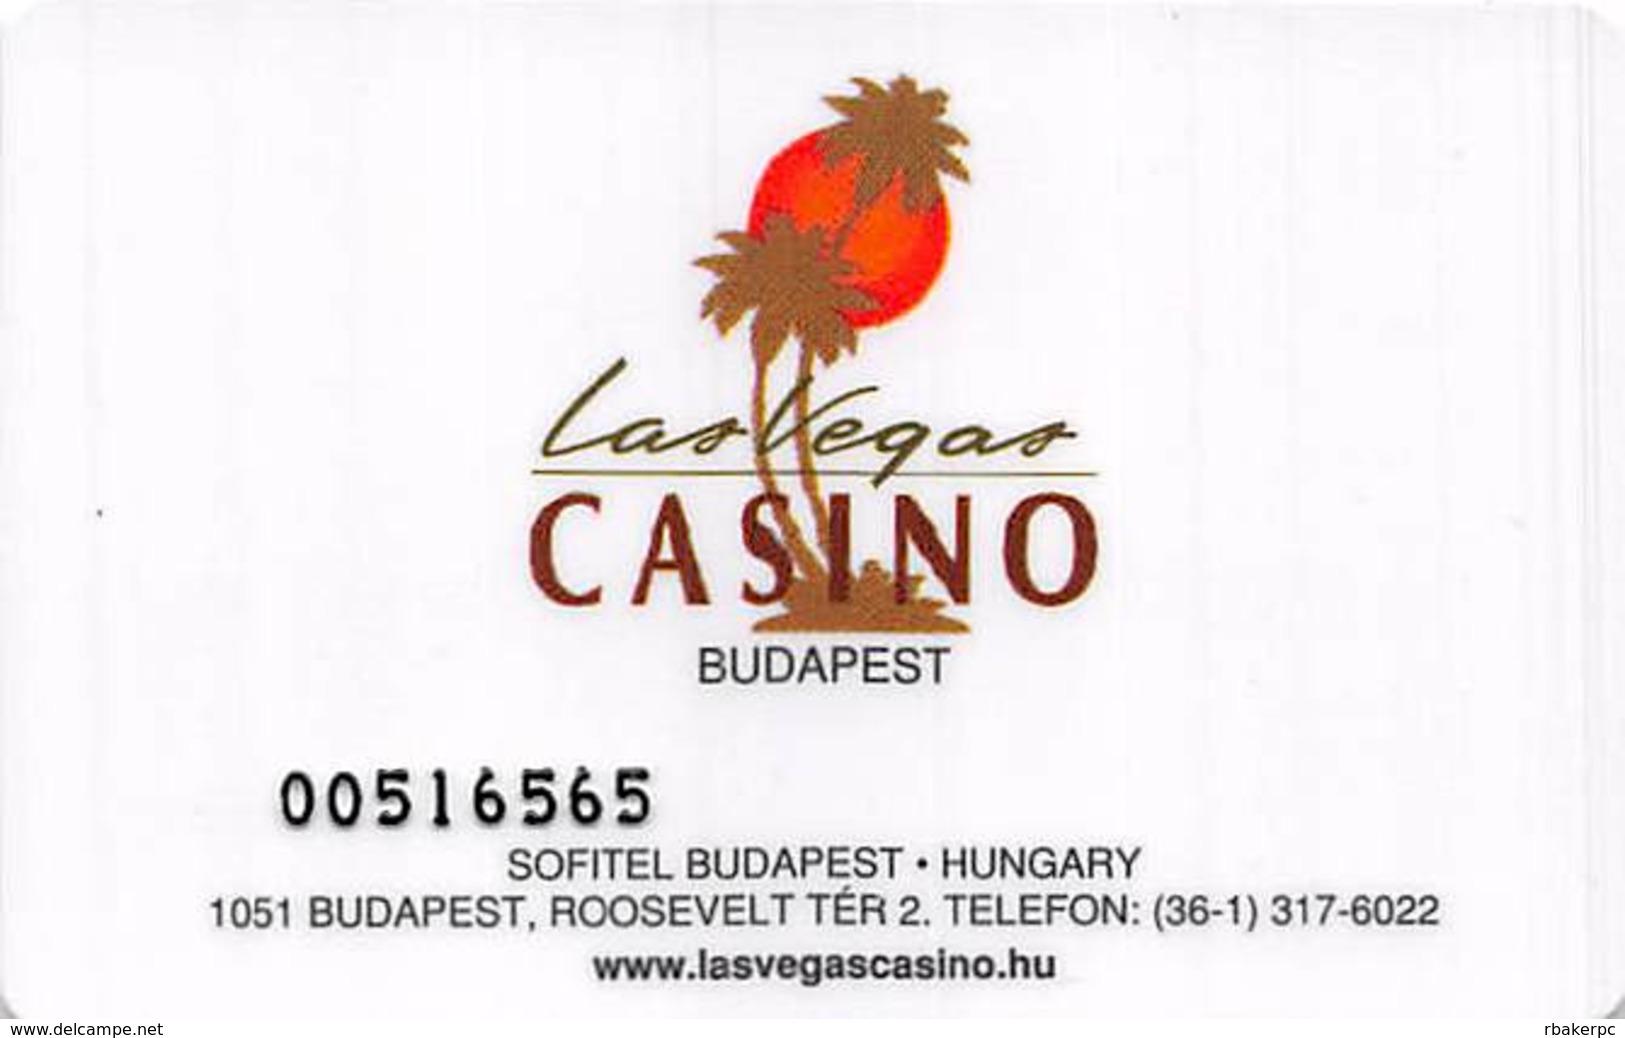 Las Vegas Casino Budapest Hungary Entry Card  .....[FSC]..... - Casino Cards